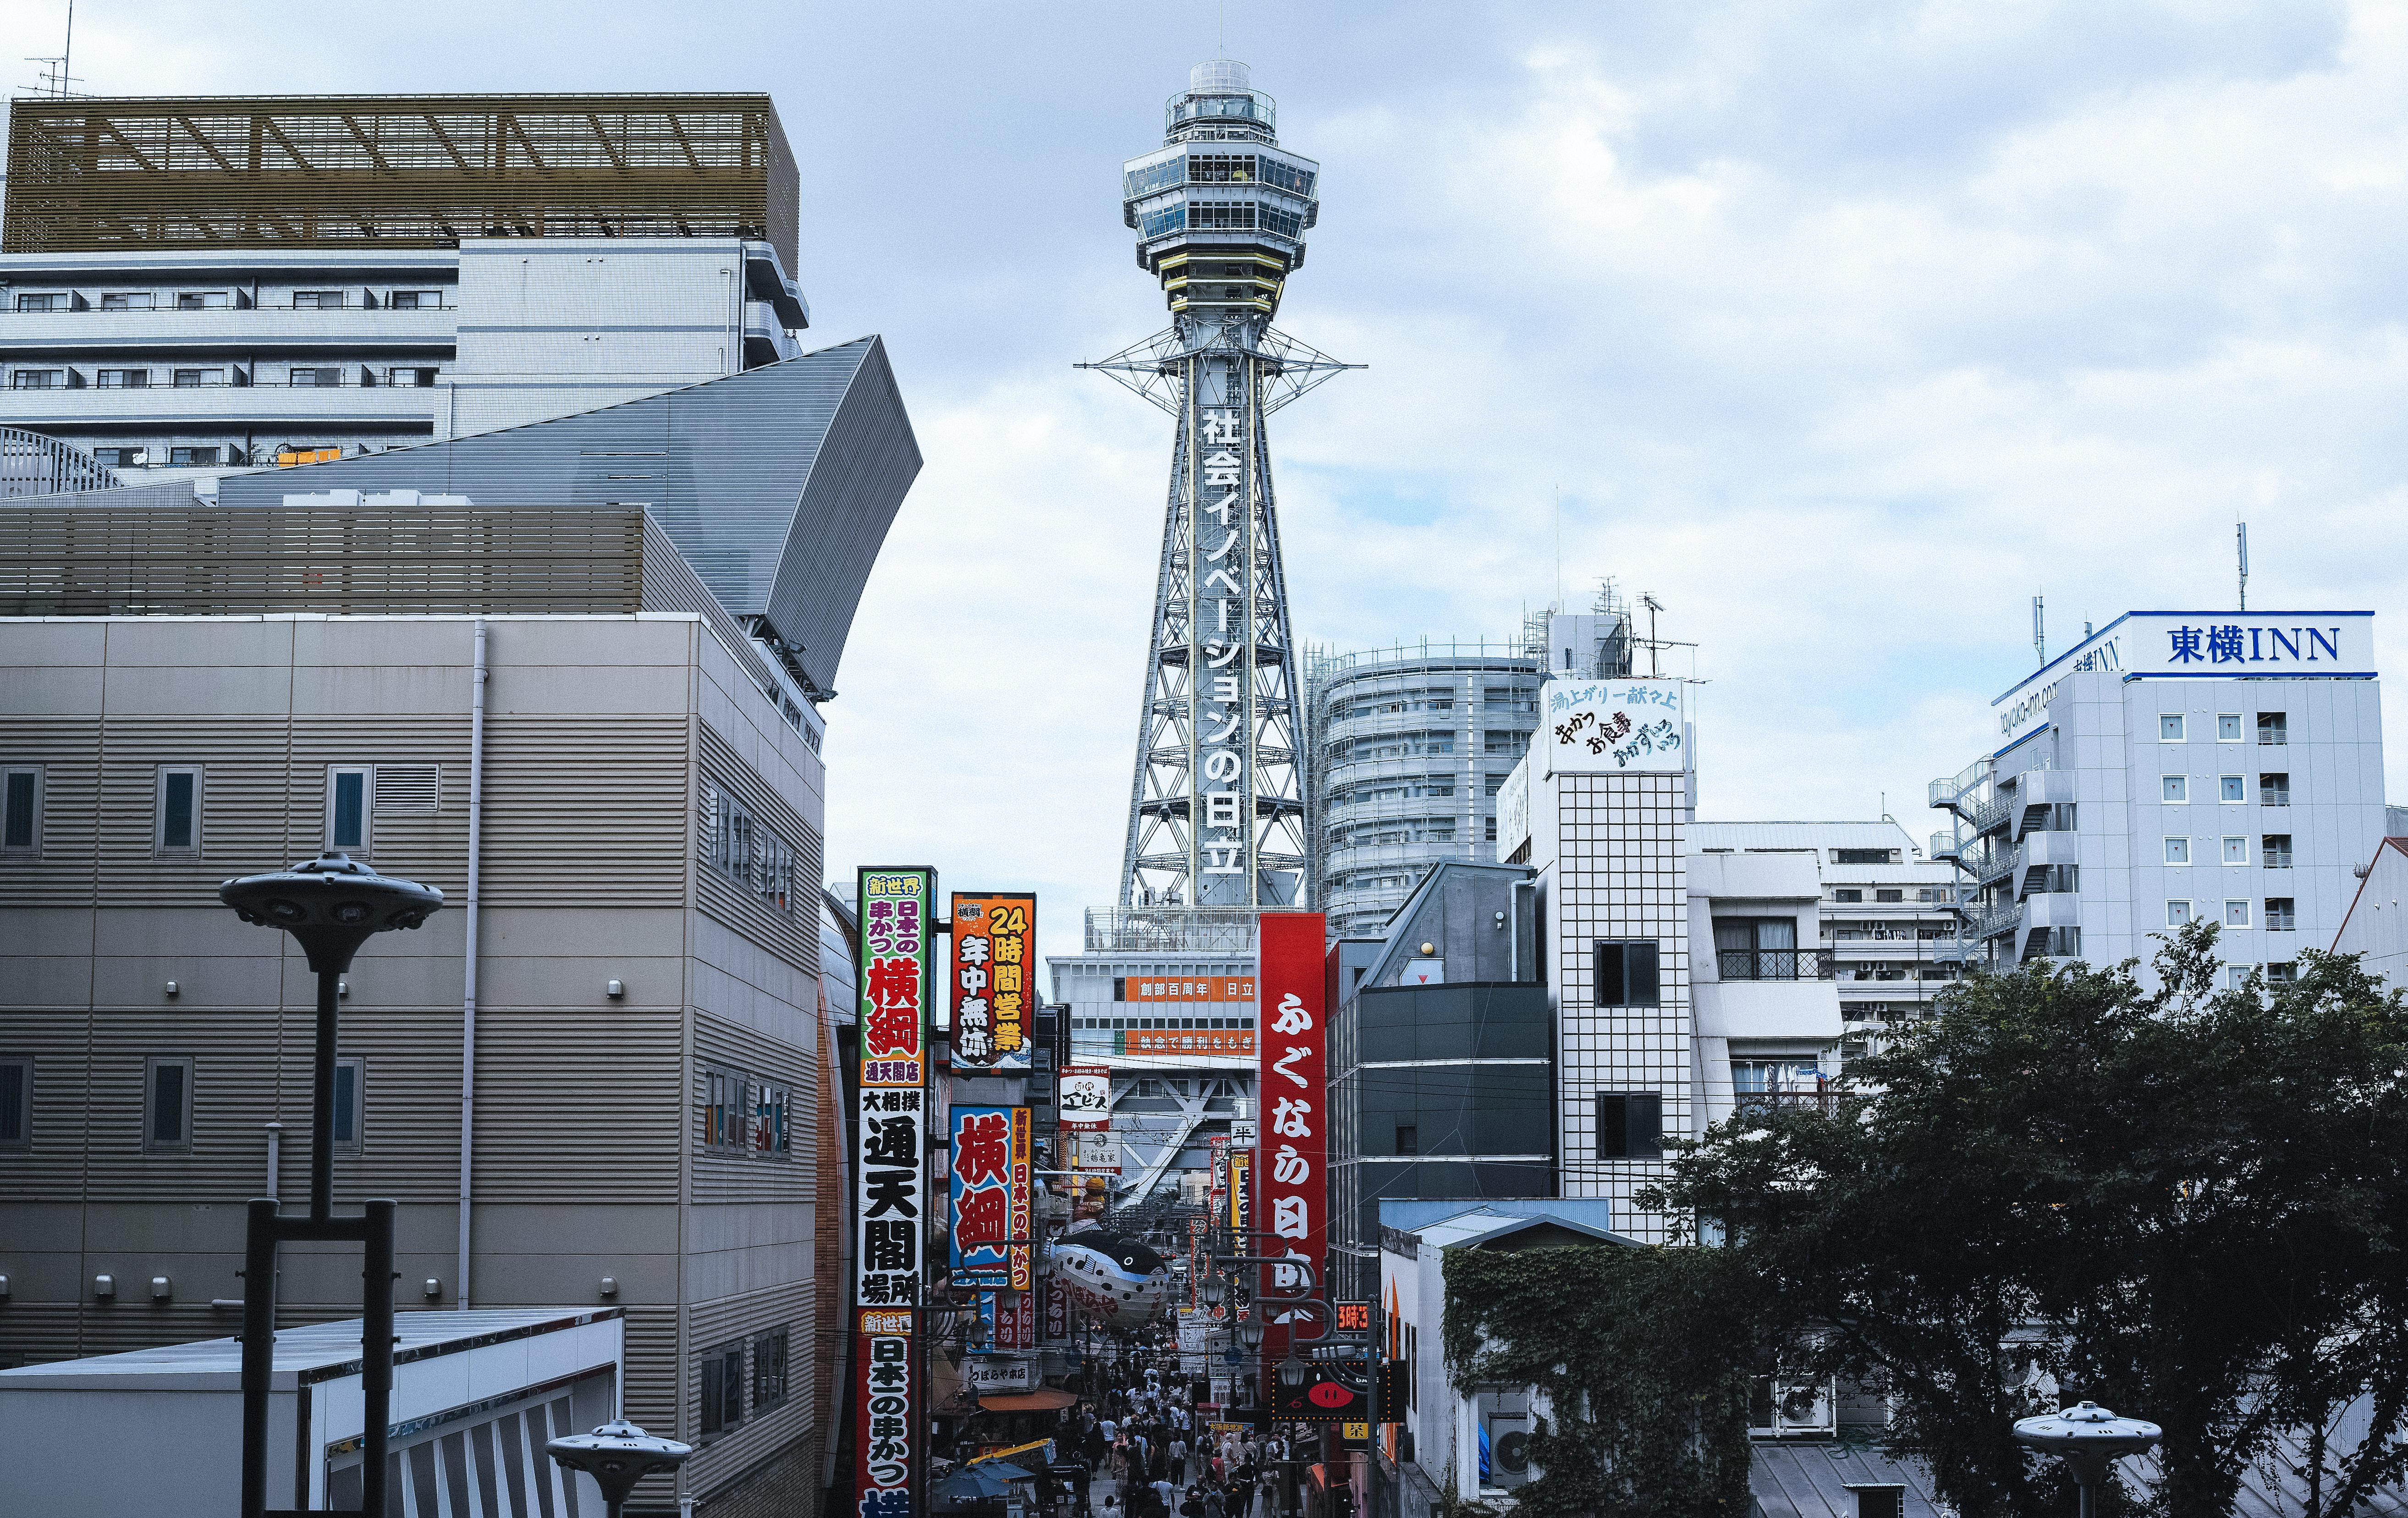 大阪市内の街並み